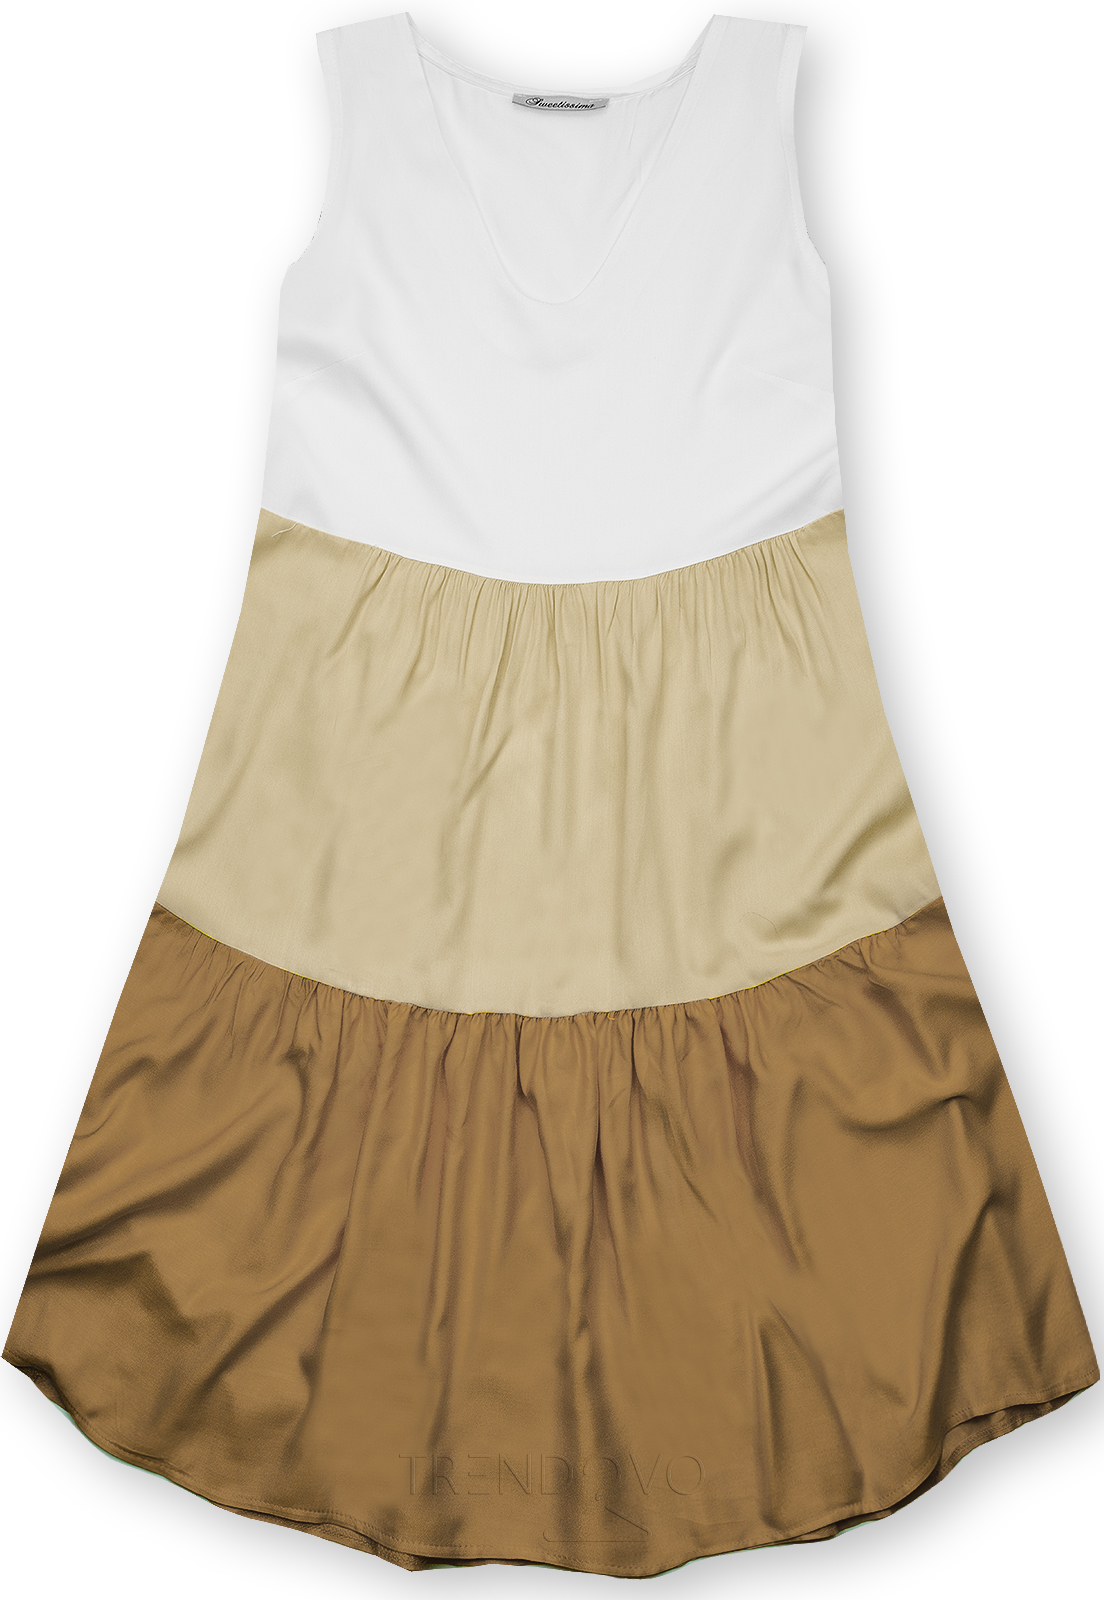 Letní šaty z viskózy bílá/béžová/hnědá